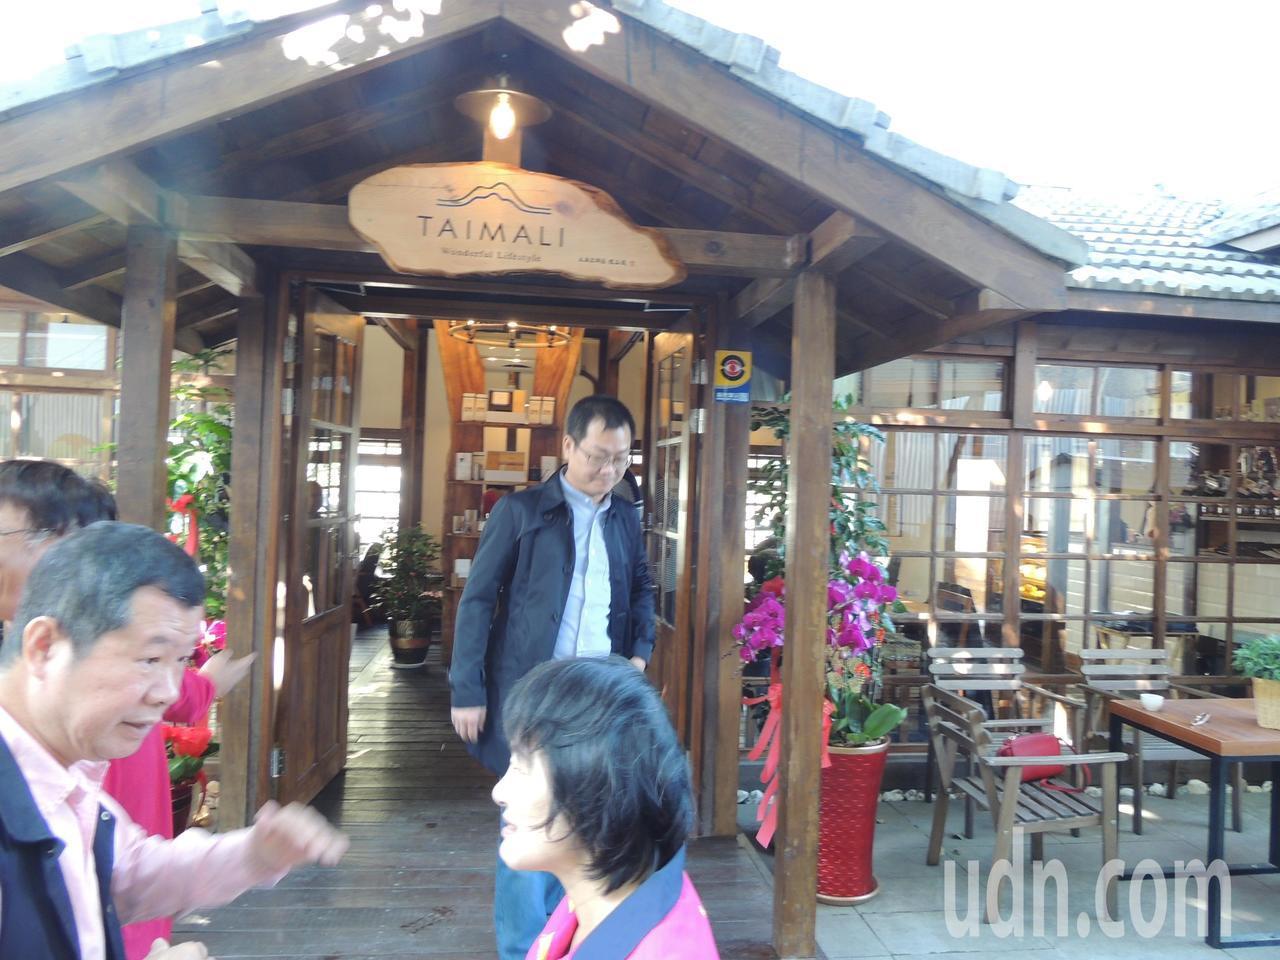 電影導演黃朝亮(中)創建品牌「太麻里文創咖啡」台灣本店昨在台東市開幕。記者羅紹平...